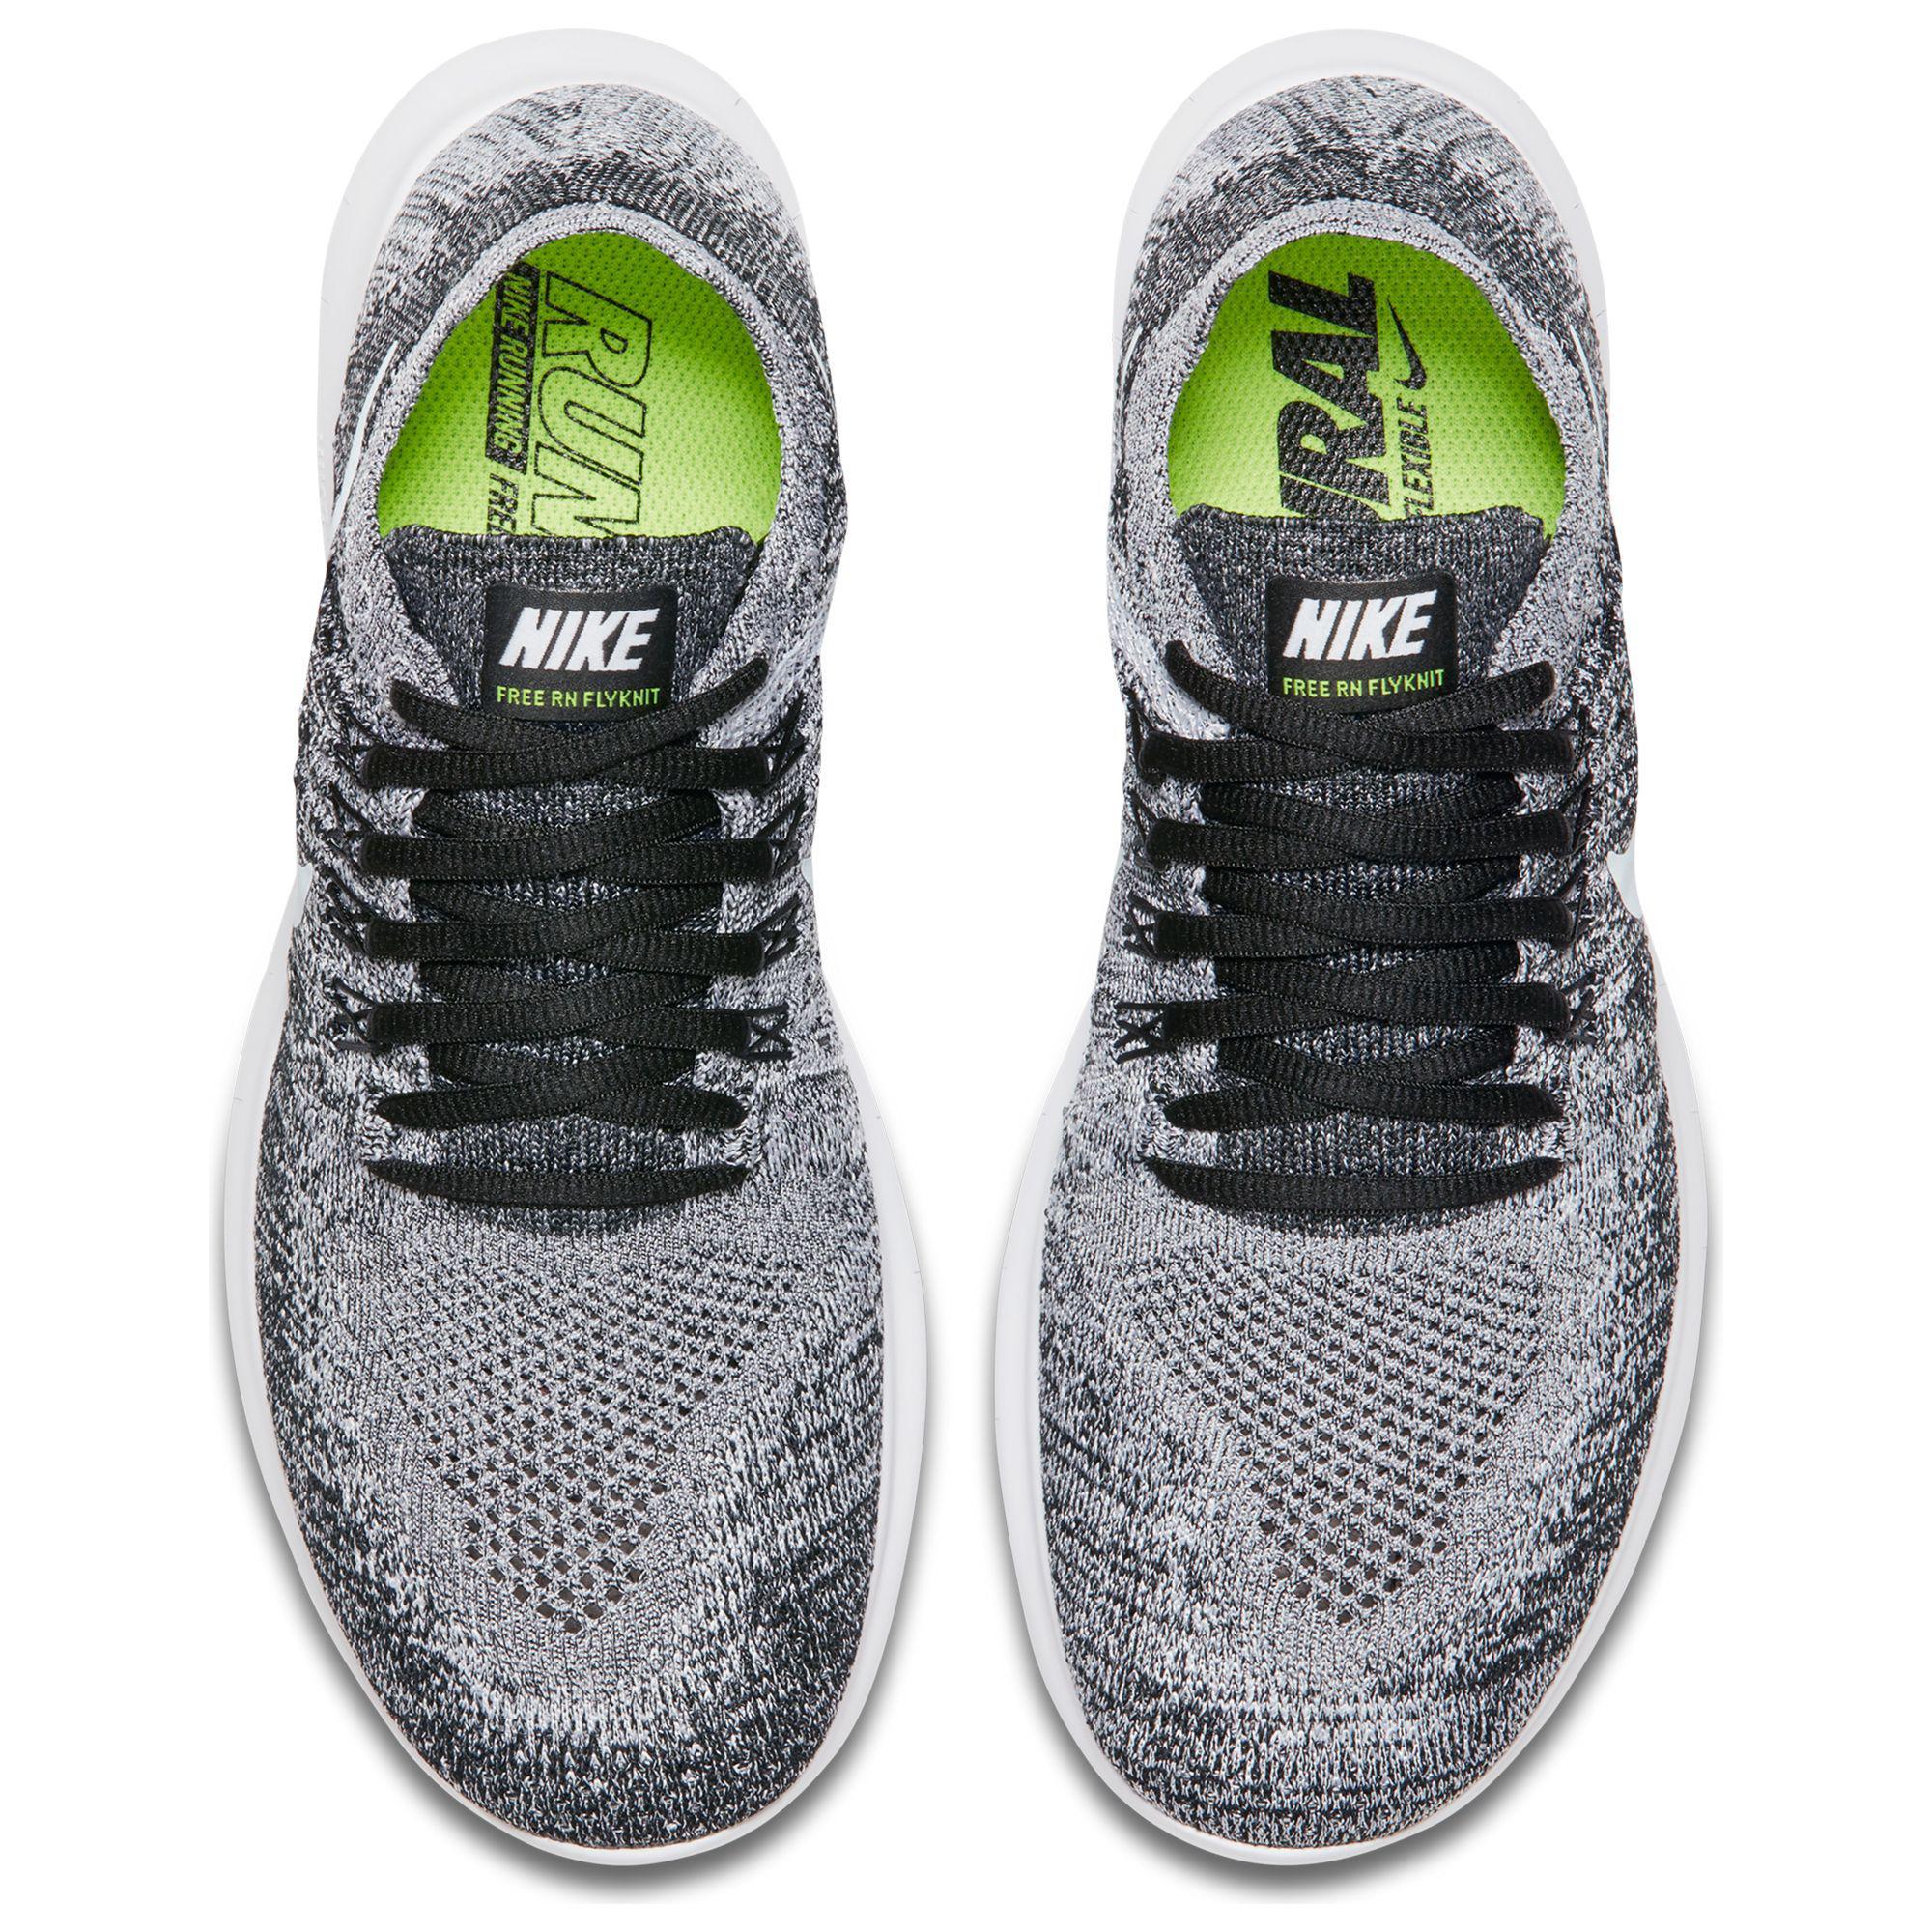 c6e0f126d6cf3 Nike Free Rn Flyknit 2017 Women s Running Shoes in Black - Lyst